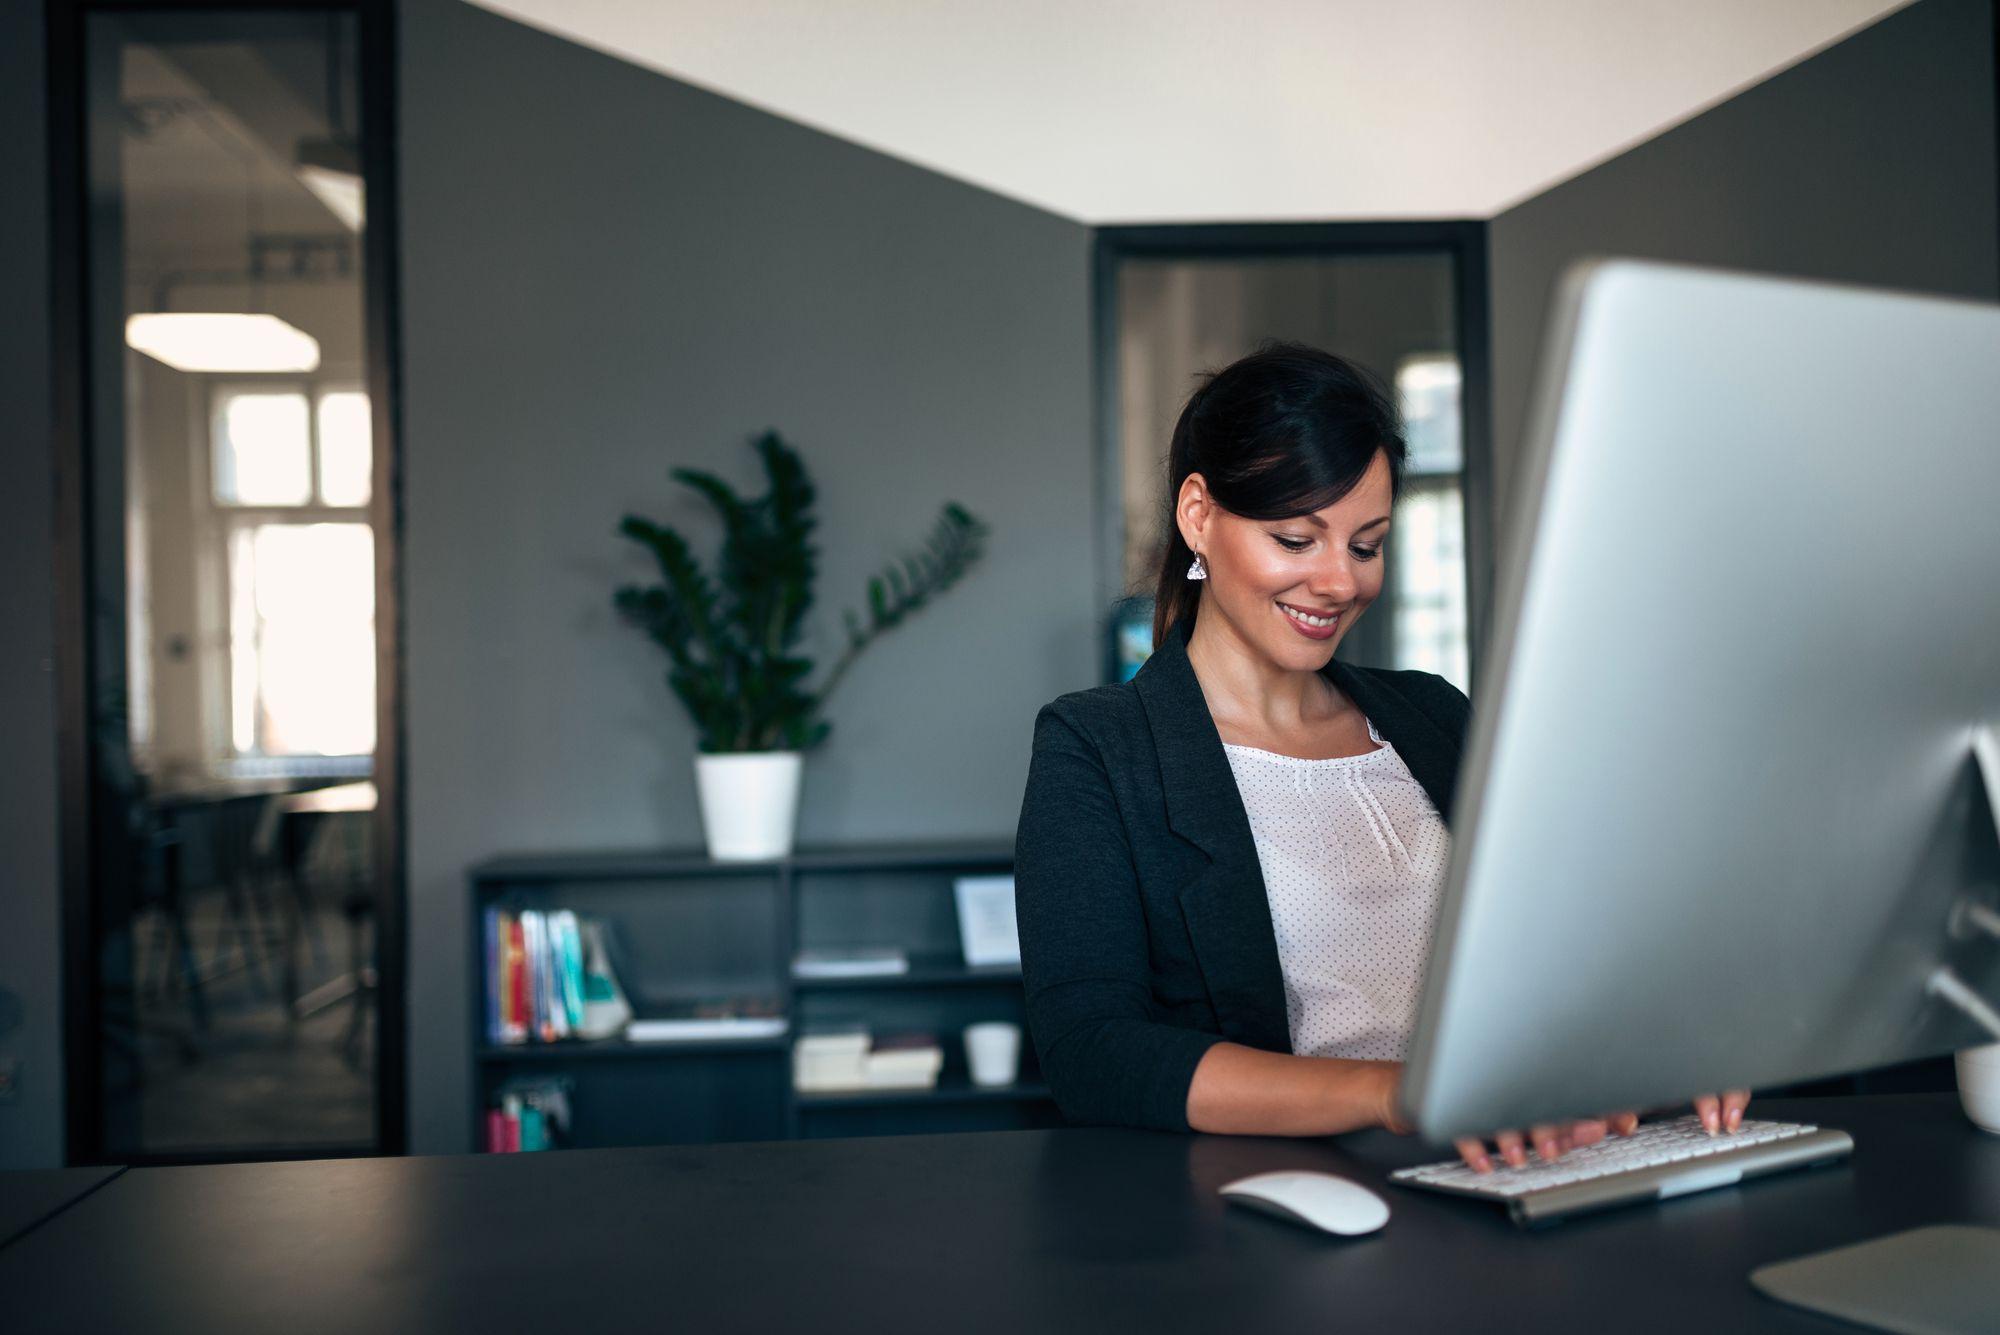 Marketing Jurídico: Advogado pode usar a internet para aumentar sua carteira de clientes?